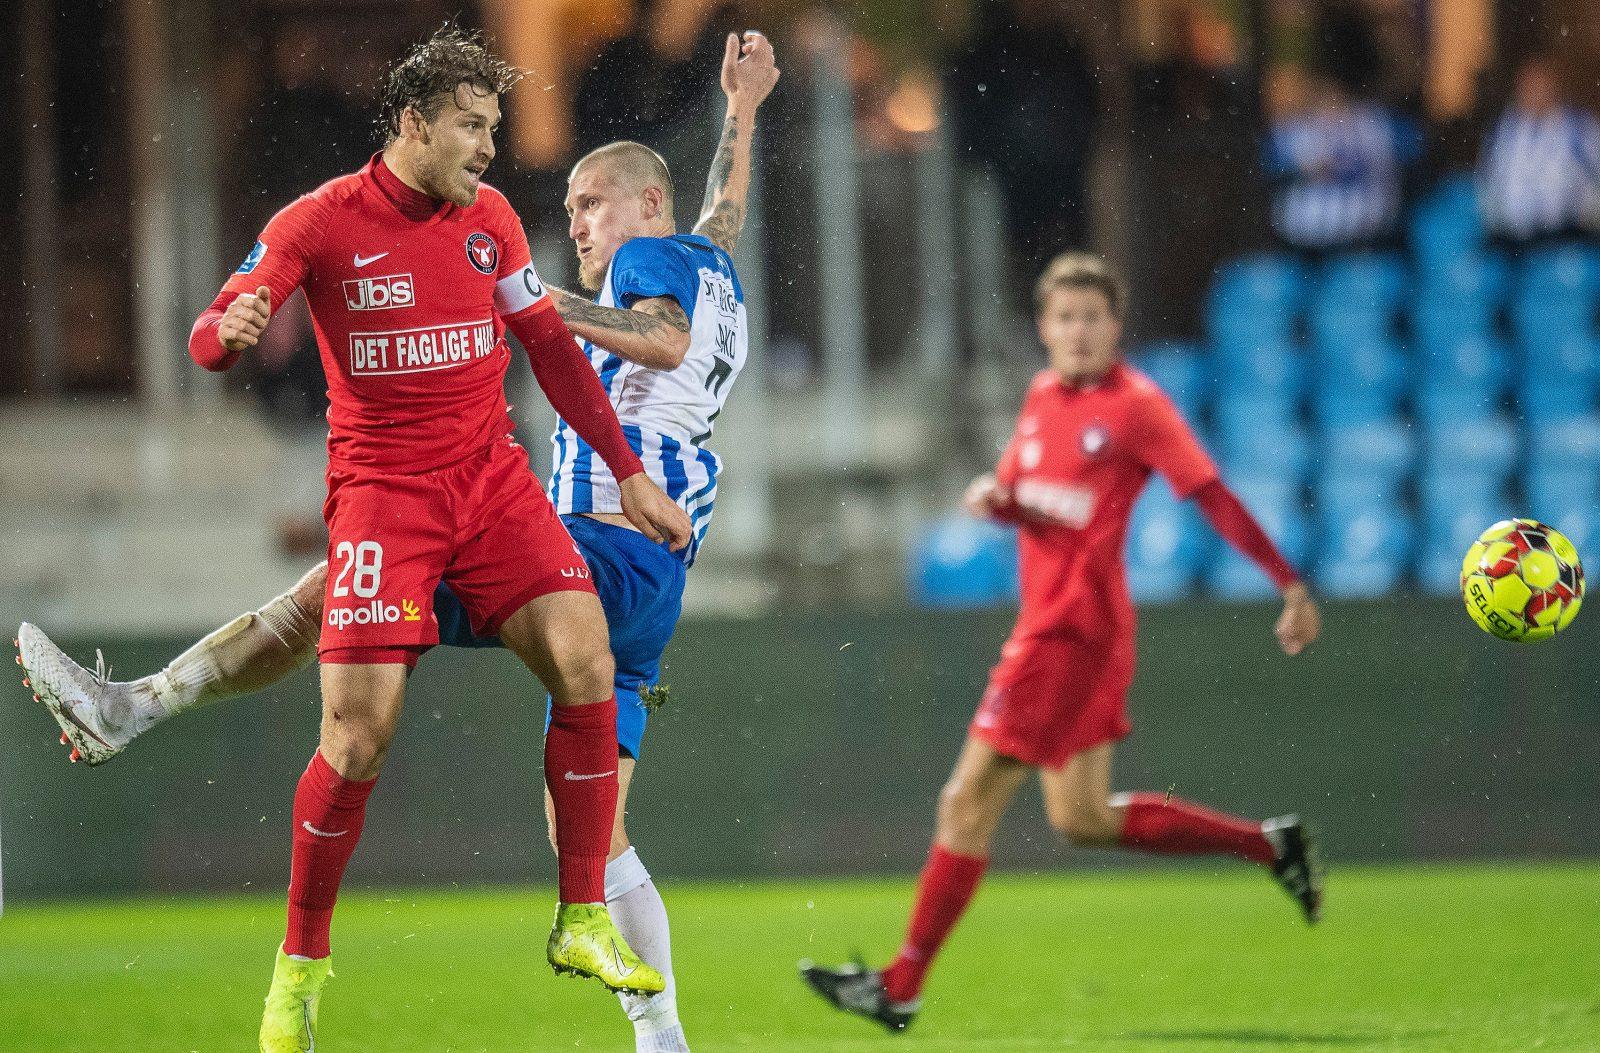 Esbjerg fB-FC Midtjylland-07